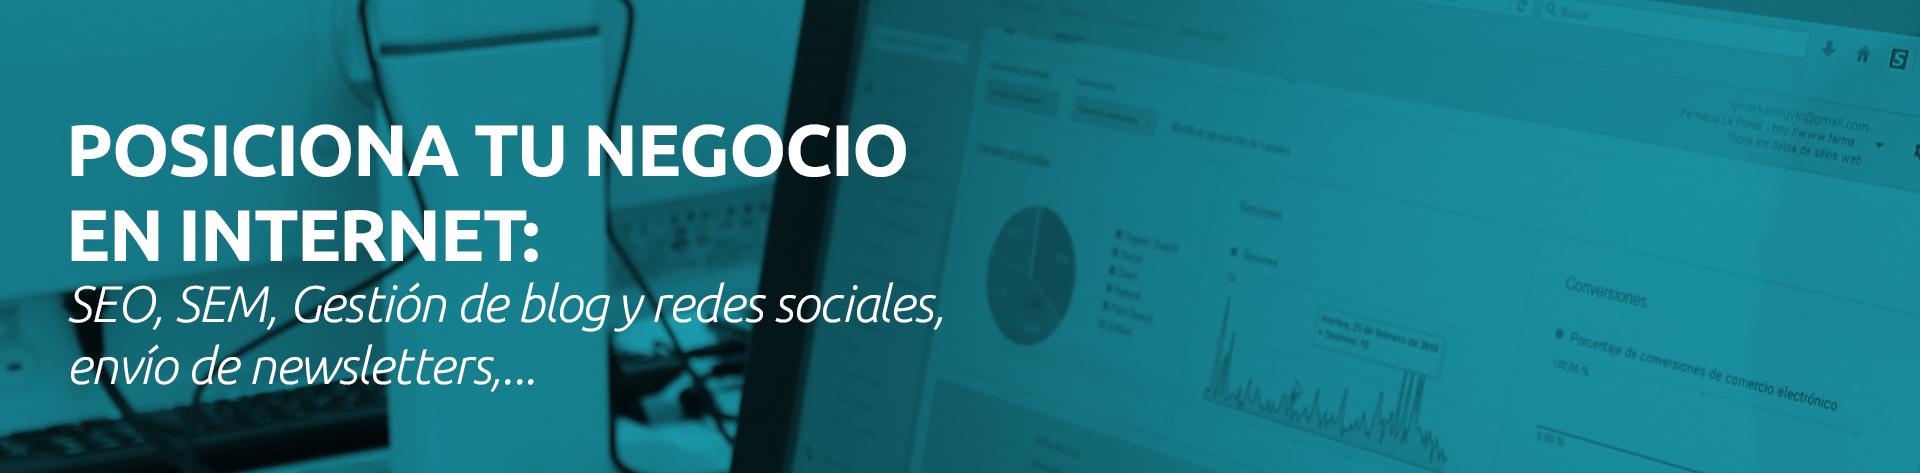 posicionamiento-internet-valencia-tienda-online-web-seo-sem-gestion-redes-sociales-facebook-valencia-qmarketing